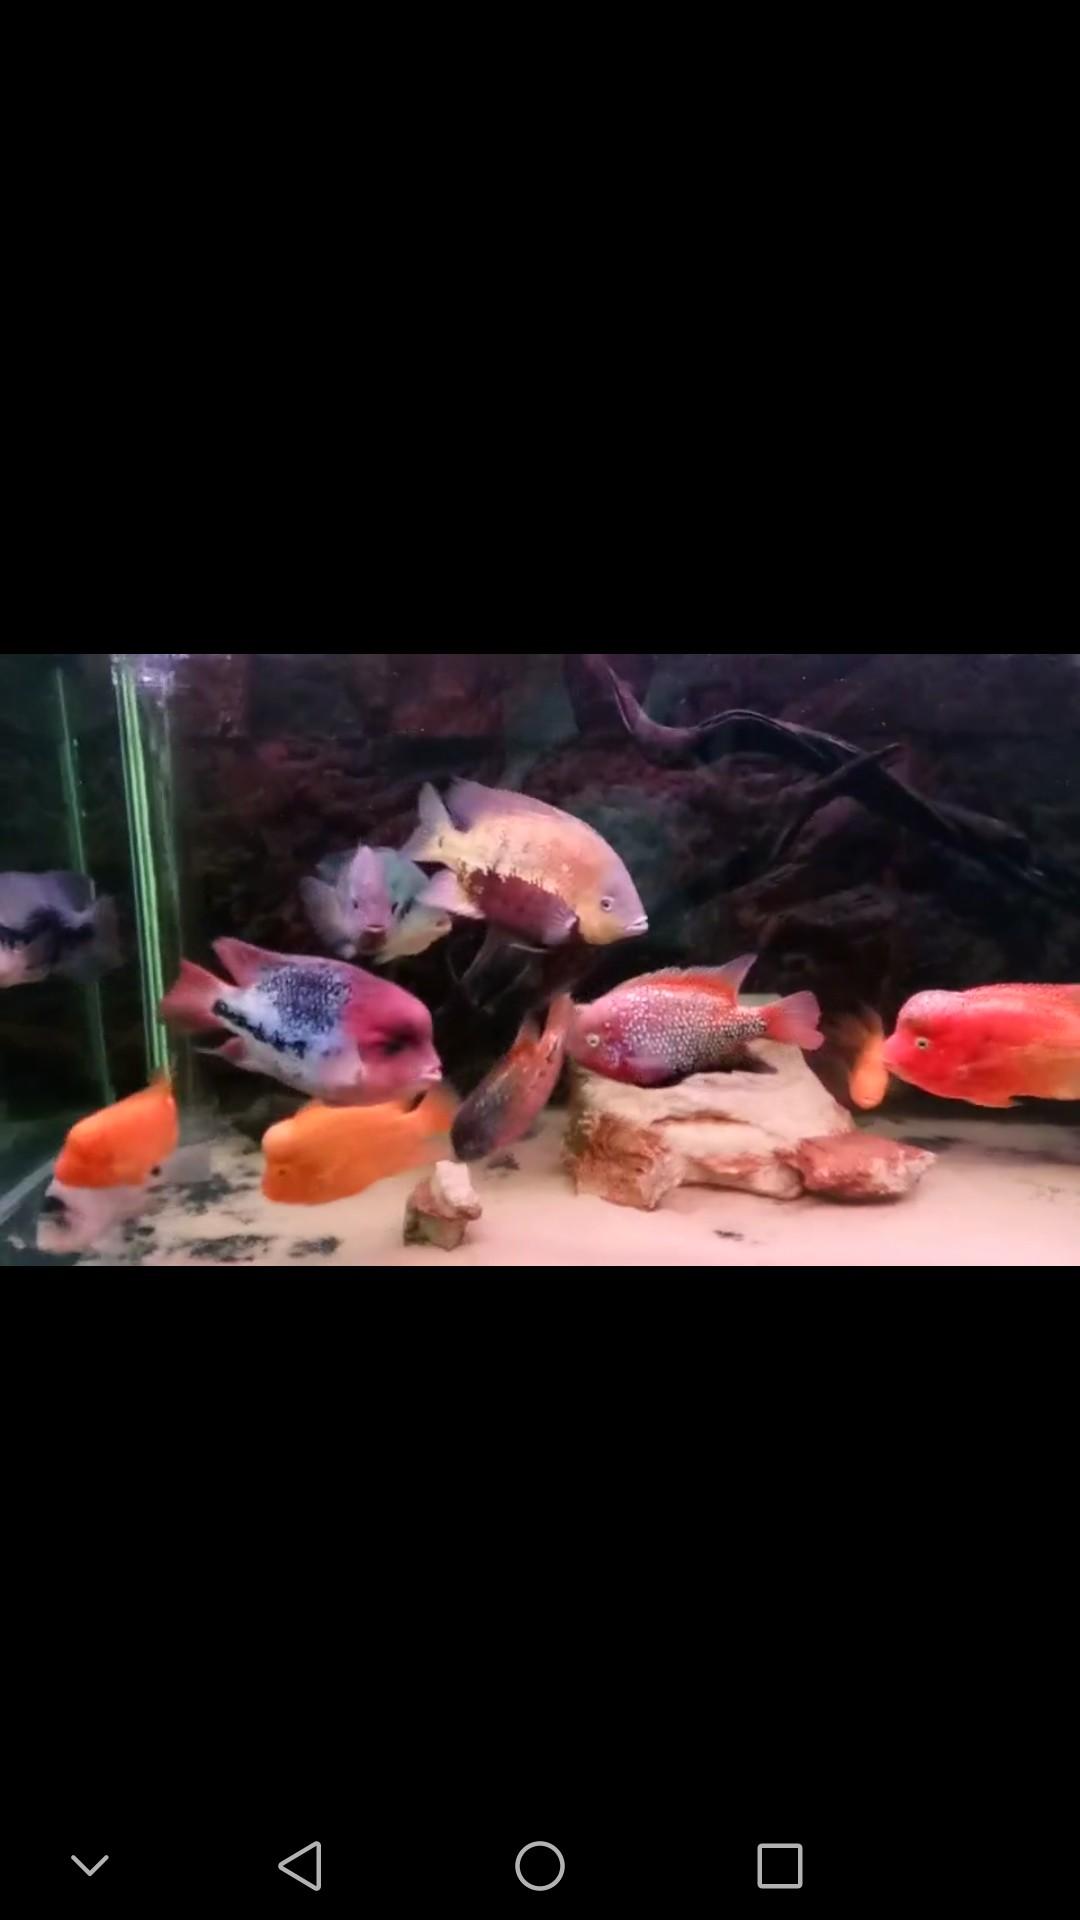 西安布隆迪六间鱼鱼友的 西安观赏鱼信息 西安博特第2张